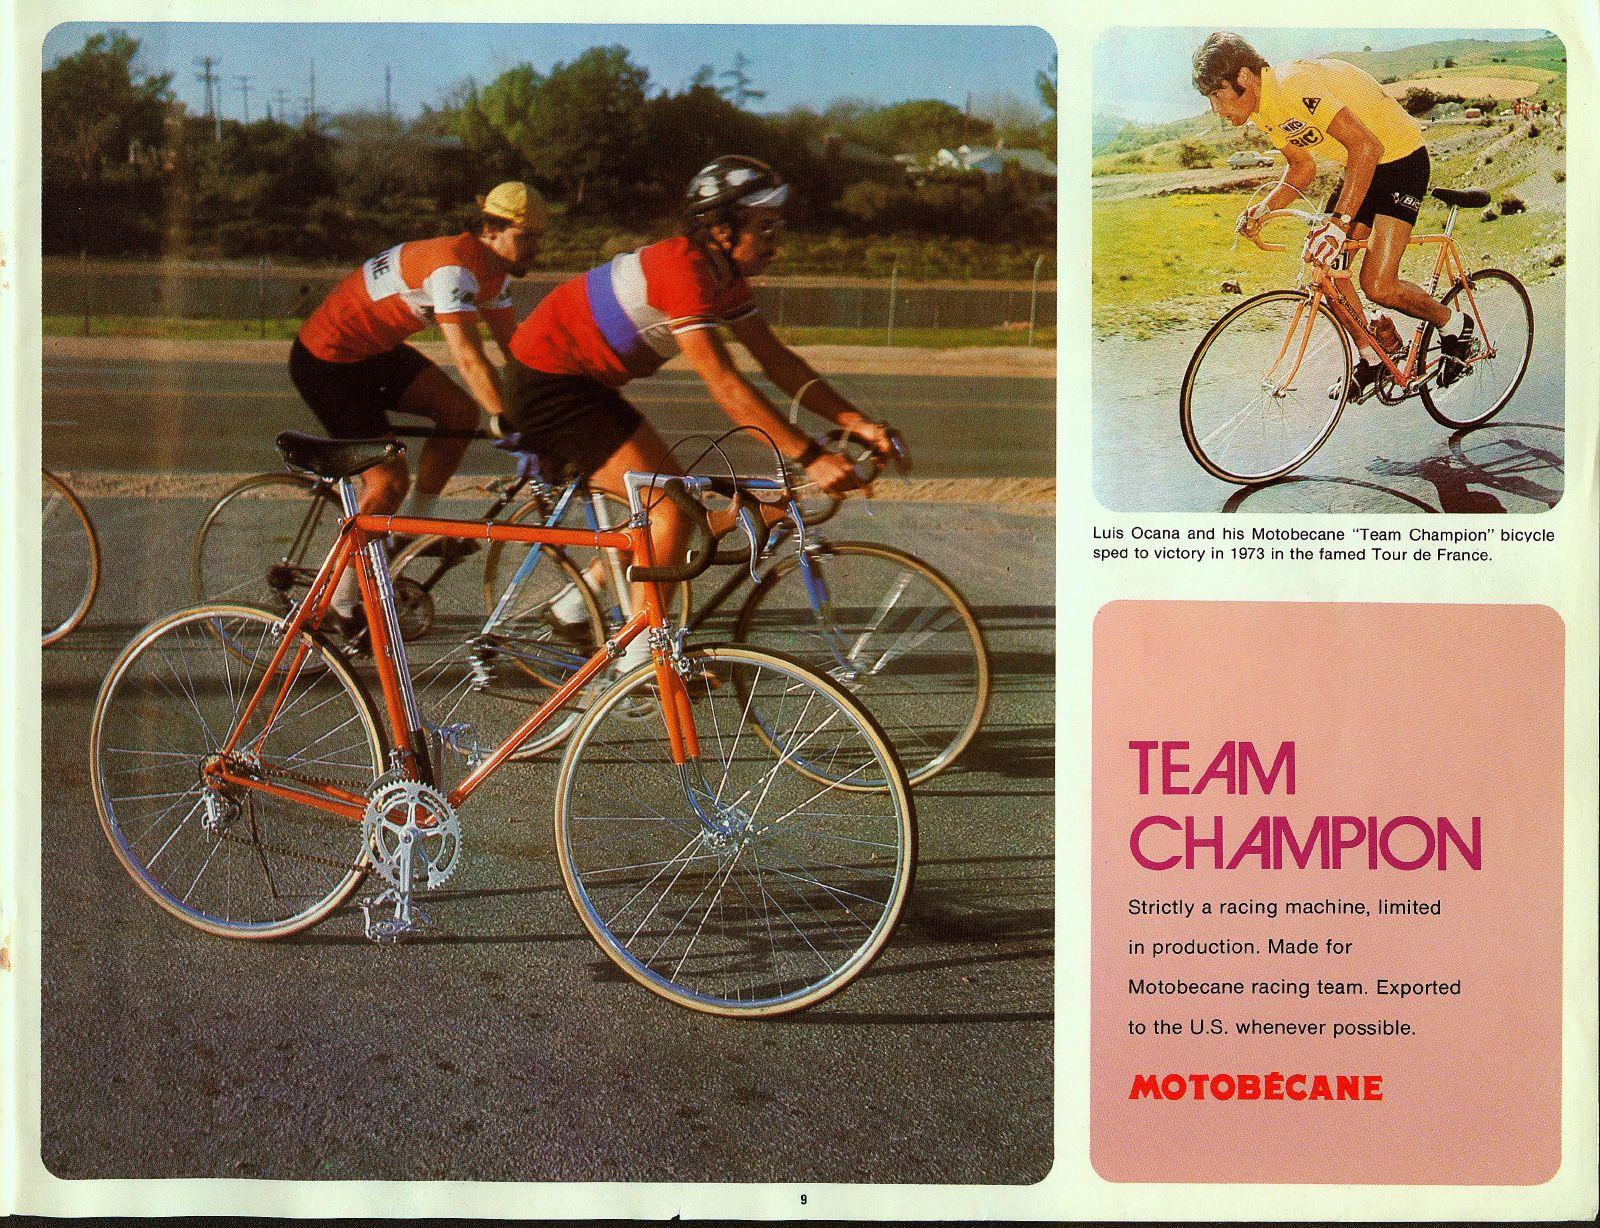 motoconfort criterium 1973 09_Team_Champion